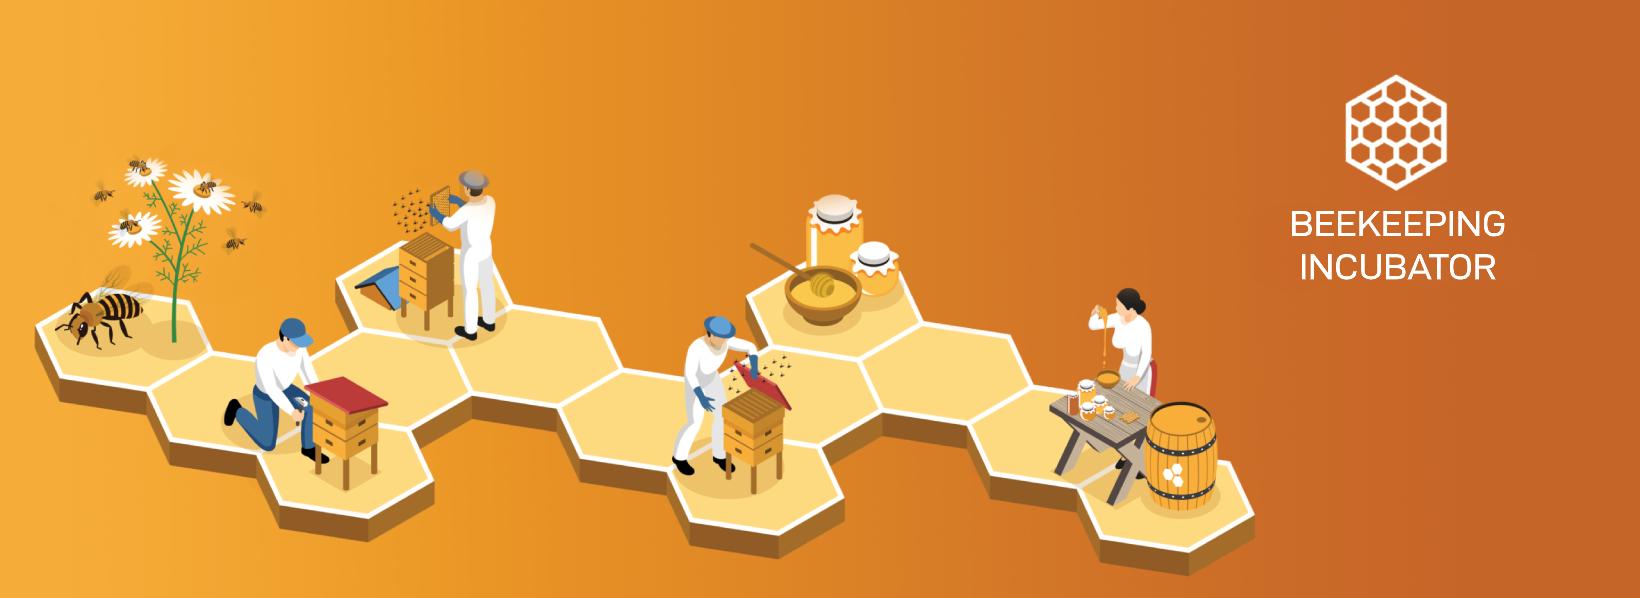 Beekeeping Incubator